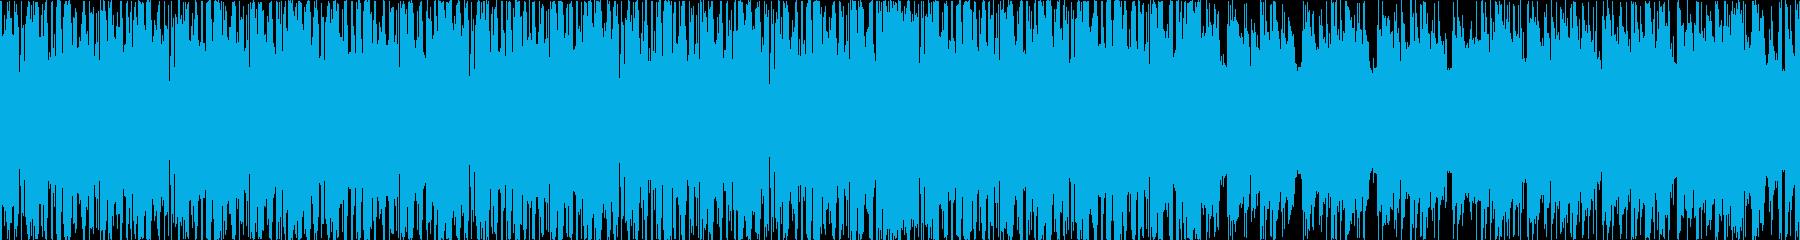 シンプル、お洒落、エレクトロ、LLの再生済みの波形